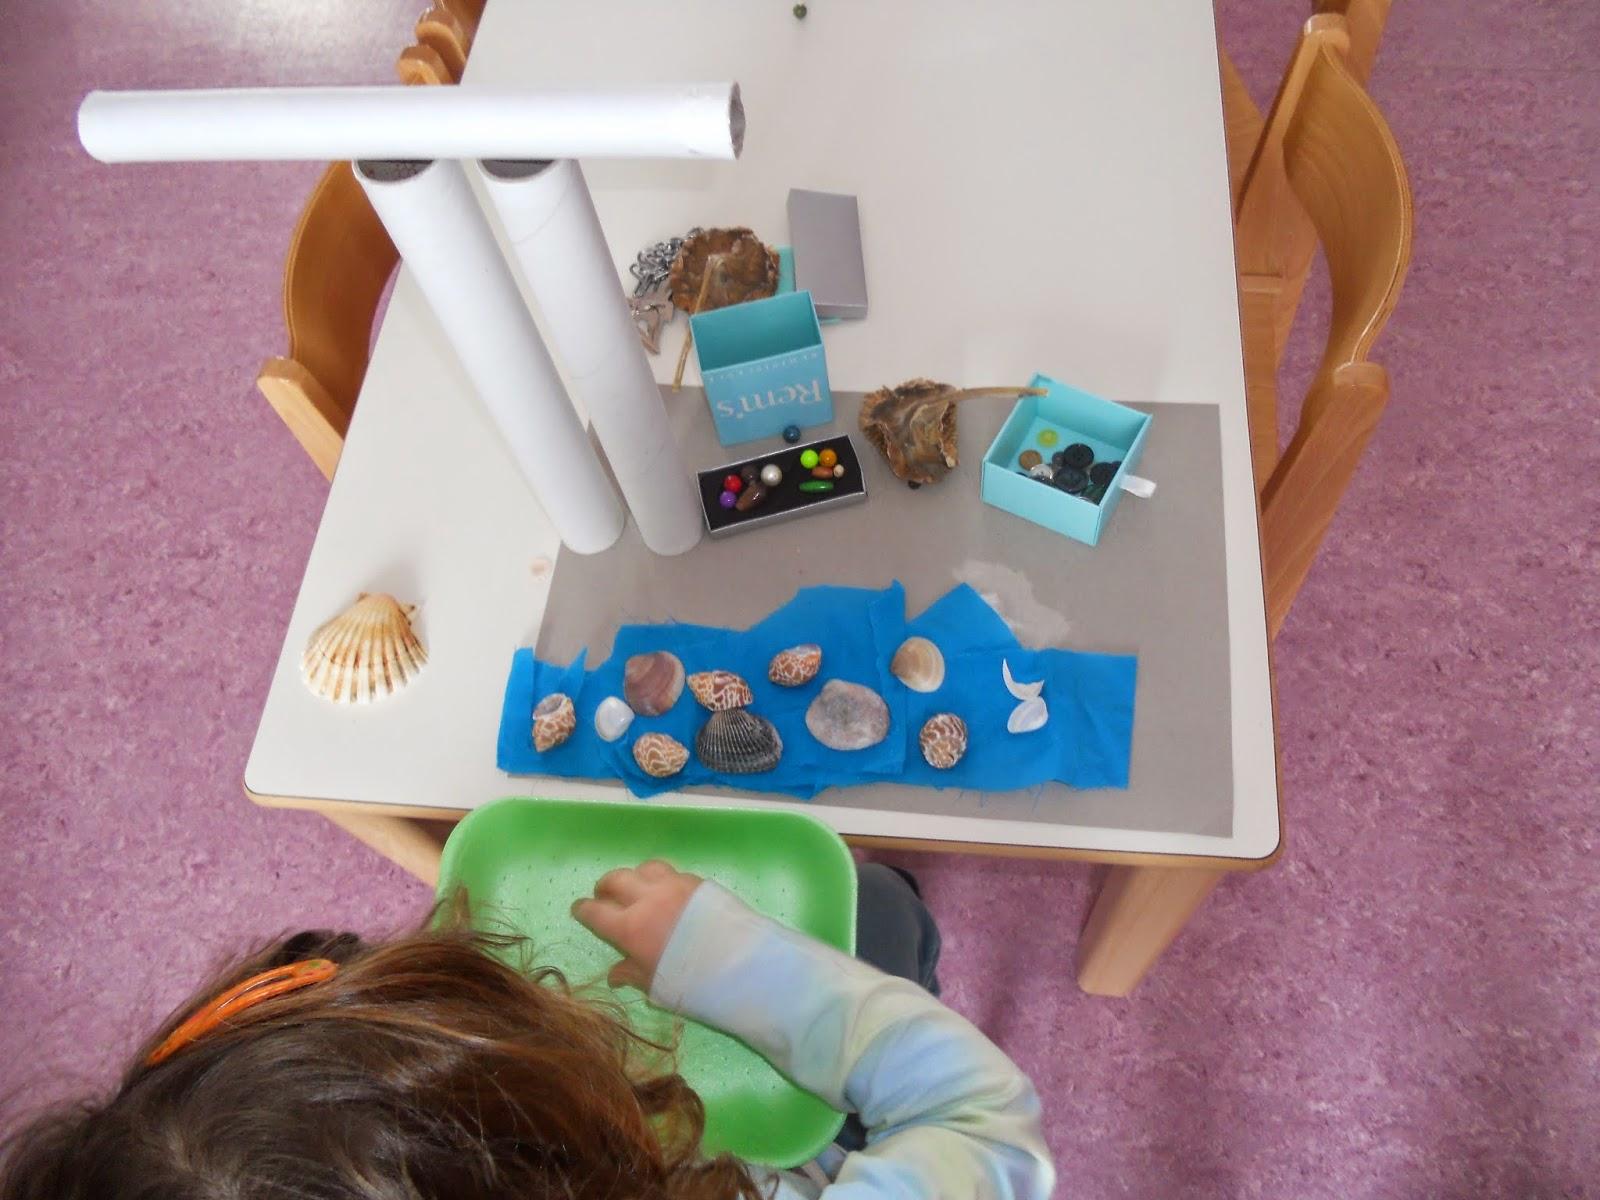 Bimba che gioca con materiali di recupero - Foto 3